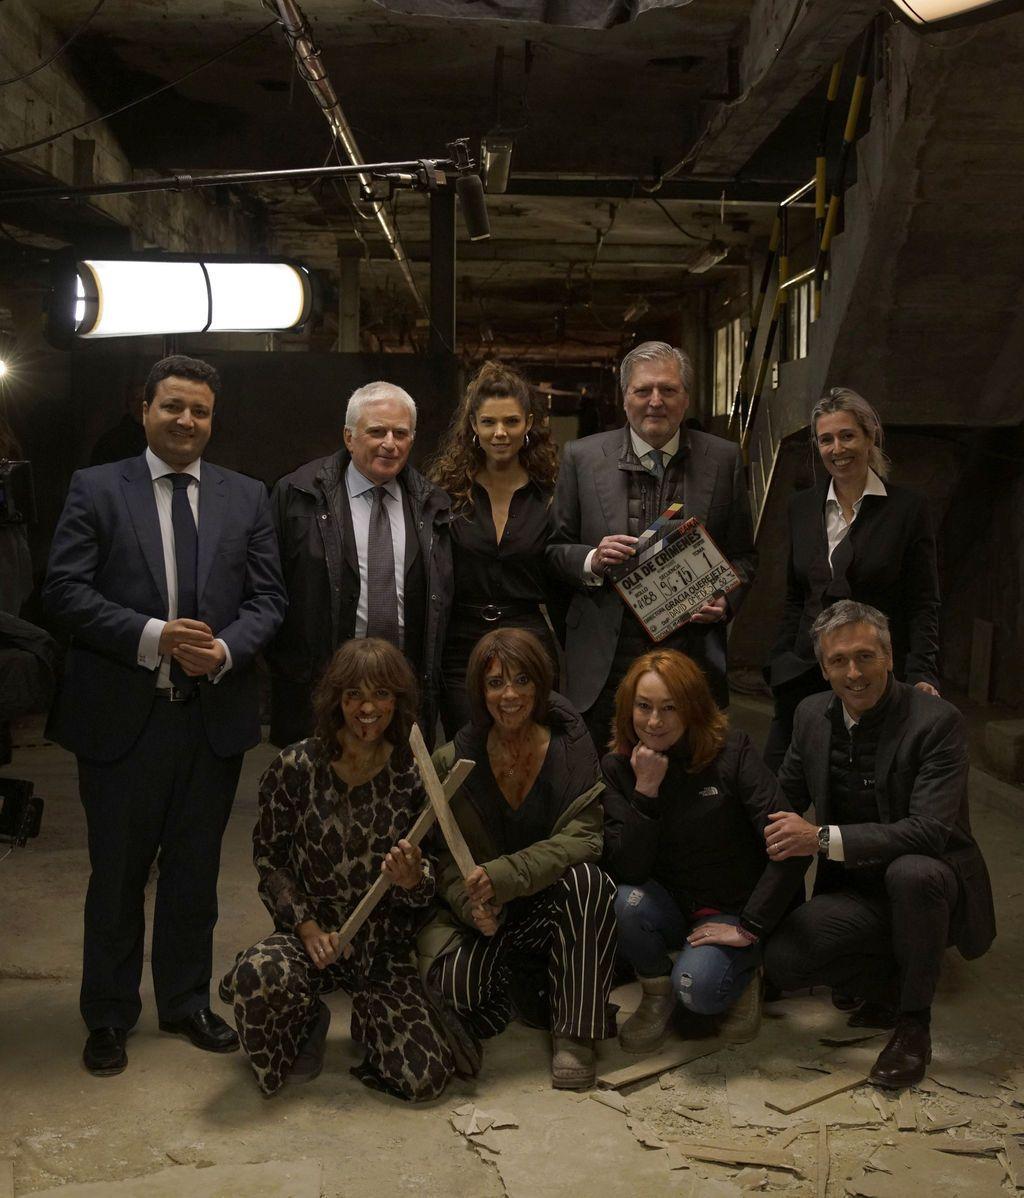 El rodaje de OLA DE CRÍMENES, dirigida por Gracia Querejeta, recibe la visita del ministro de Educación, Cultura y Deporte